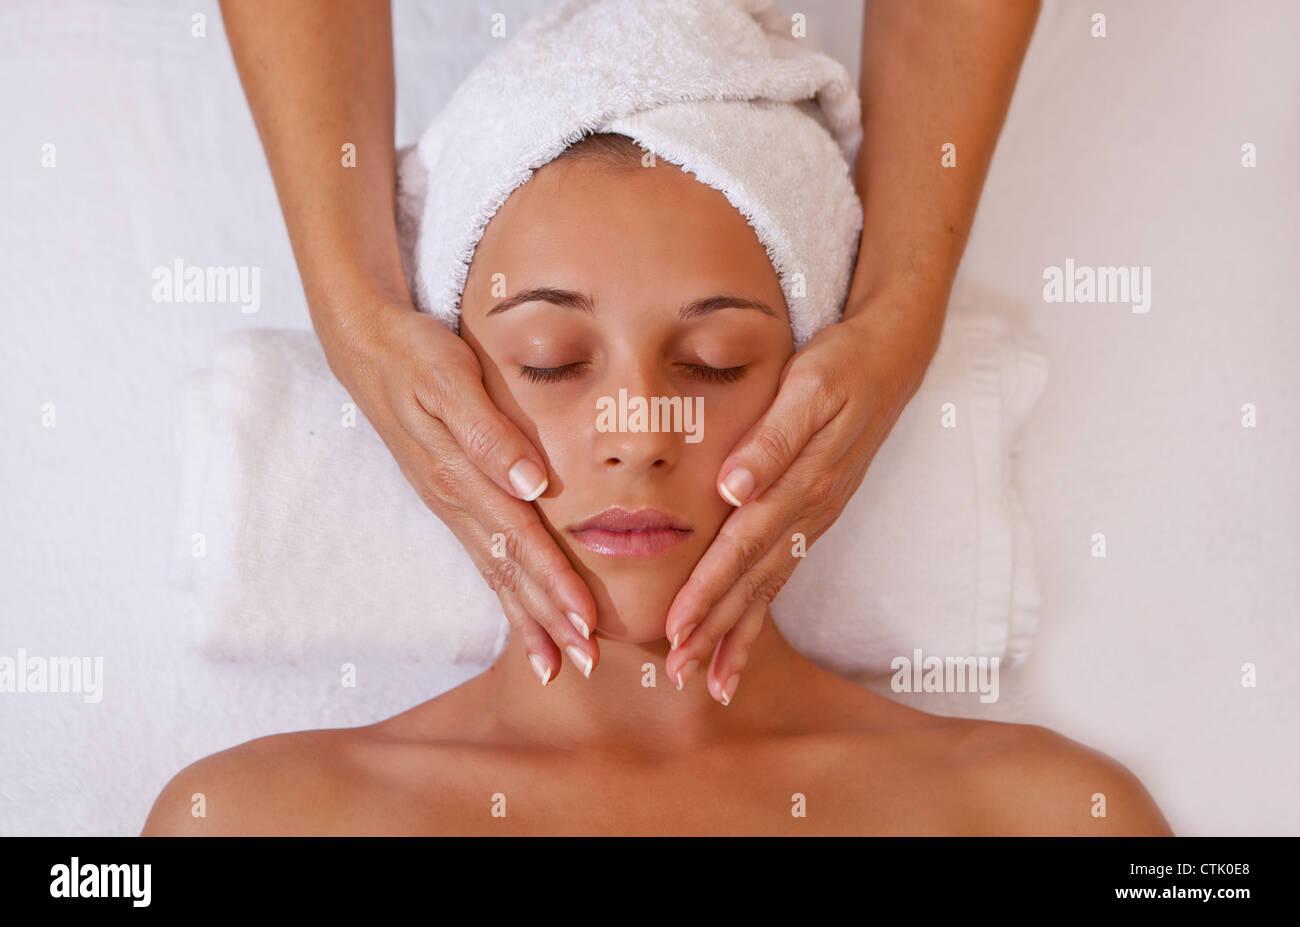 Frau, entspannende Massage von Kopf oder Gesicht Stockbild